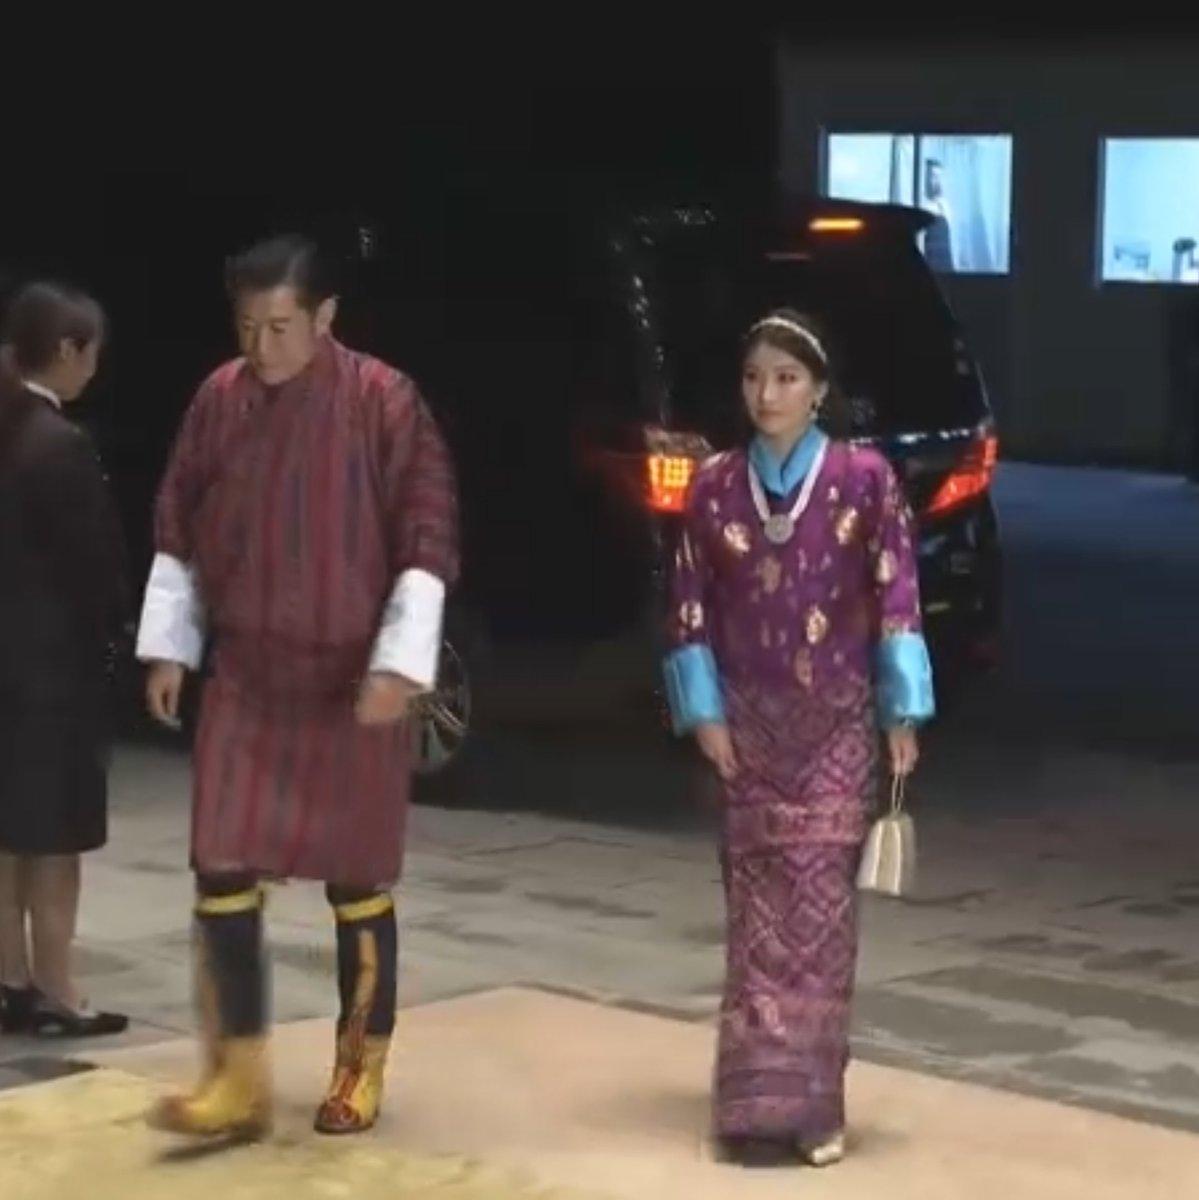 備忘録また追加。#饗宴の儀 ブータン国王ご夫妻。ブータンの伝統的な装束でしょうか。王妃の差し色のブルーが素敵。伝統的な装束の方は他にもたくさんいました。皆様、とっても素敵でした。#即位礼正殿の儀